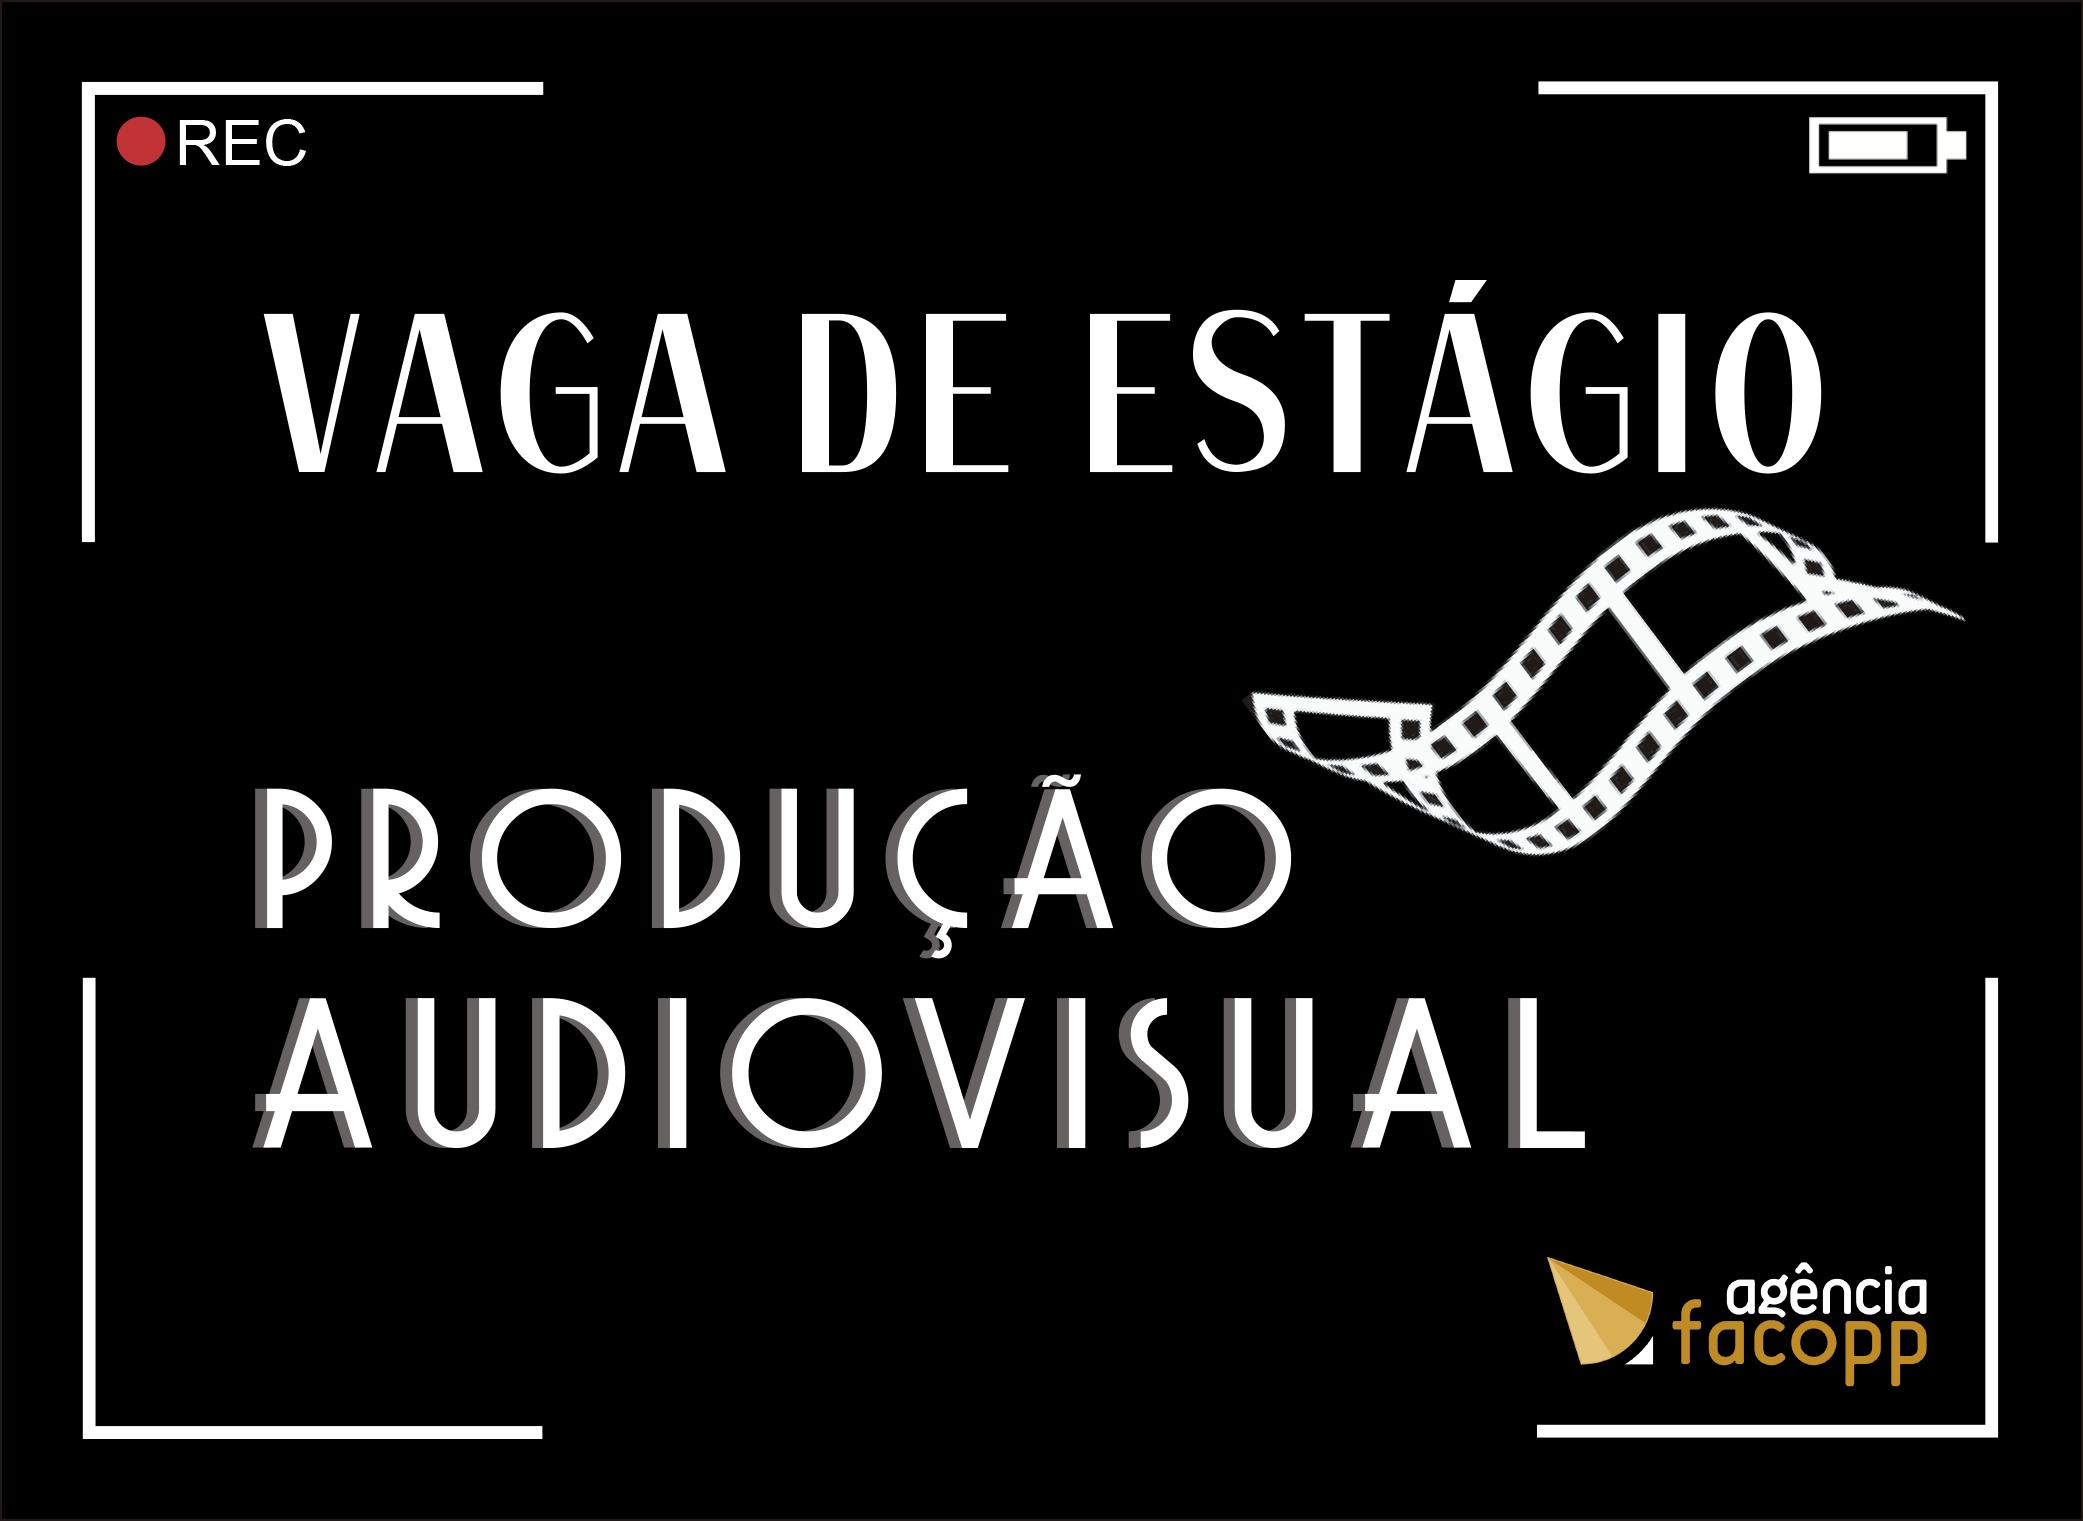 Agência Facopp abre vaga de estágio para produção audiovisual